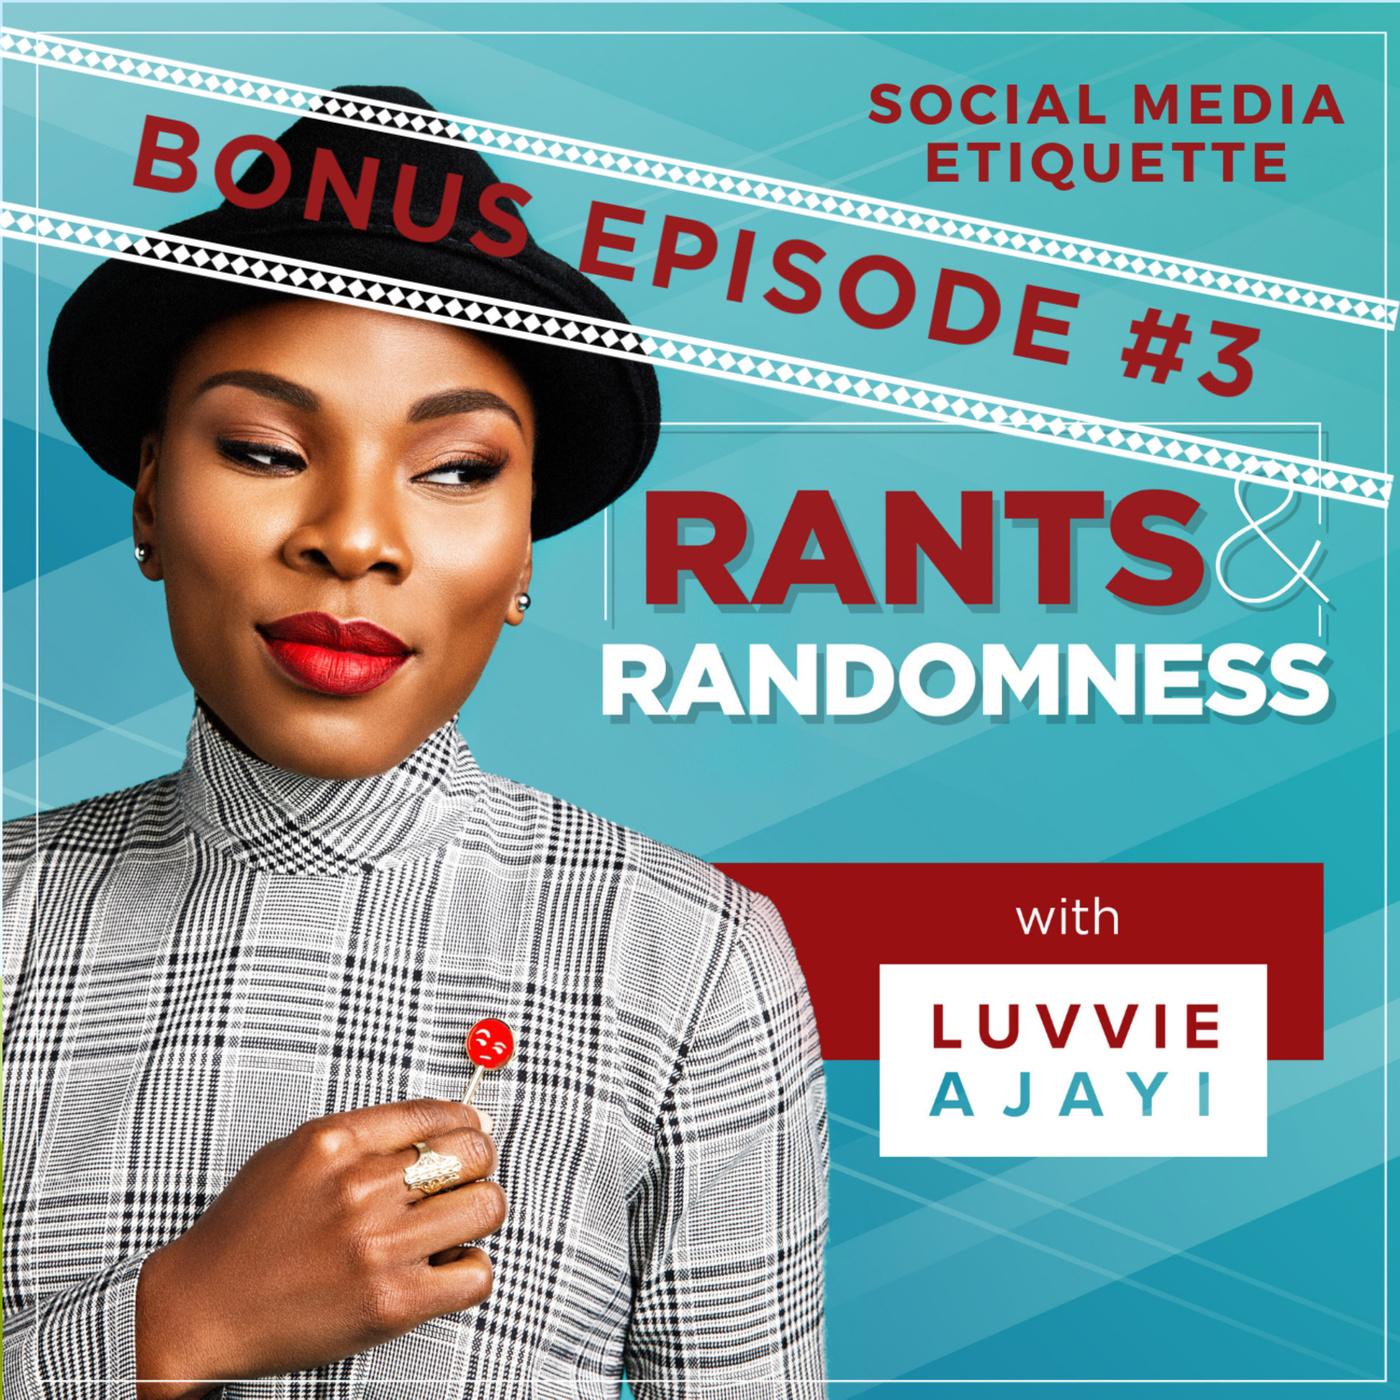 Do Better: Social Media Etiquette - BONUS Episode 3